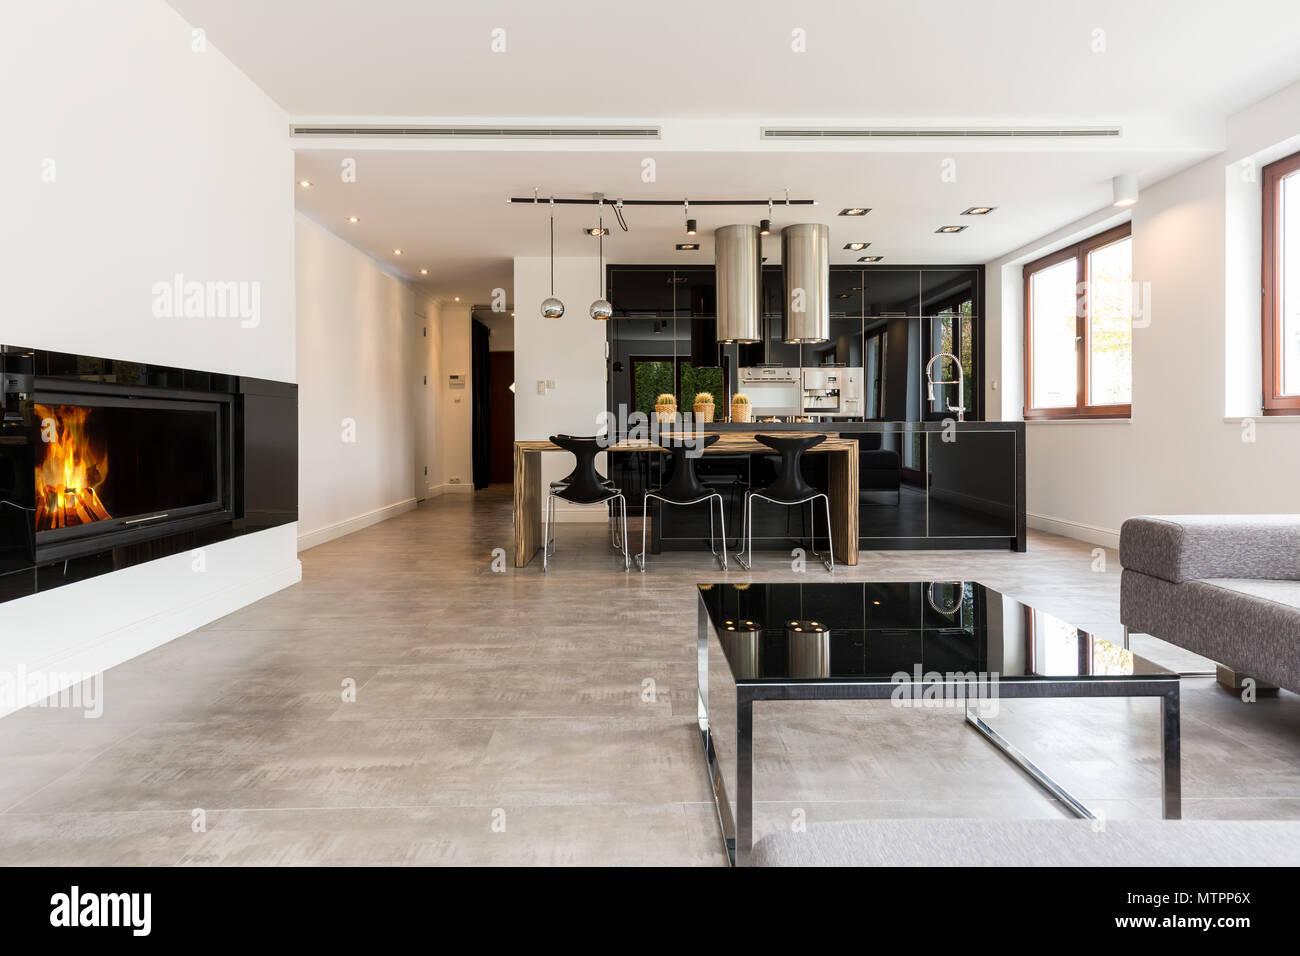 Geräumiger Innenraum mit Kamin, Sofa, kleiner Tisch ...